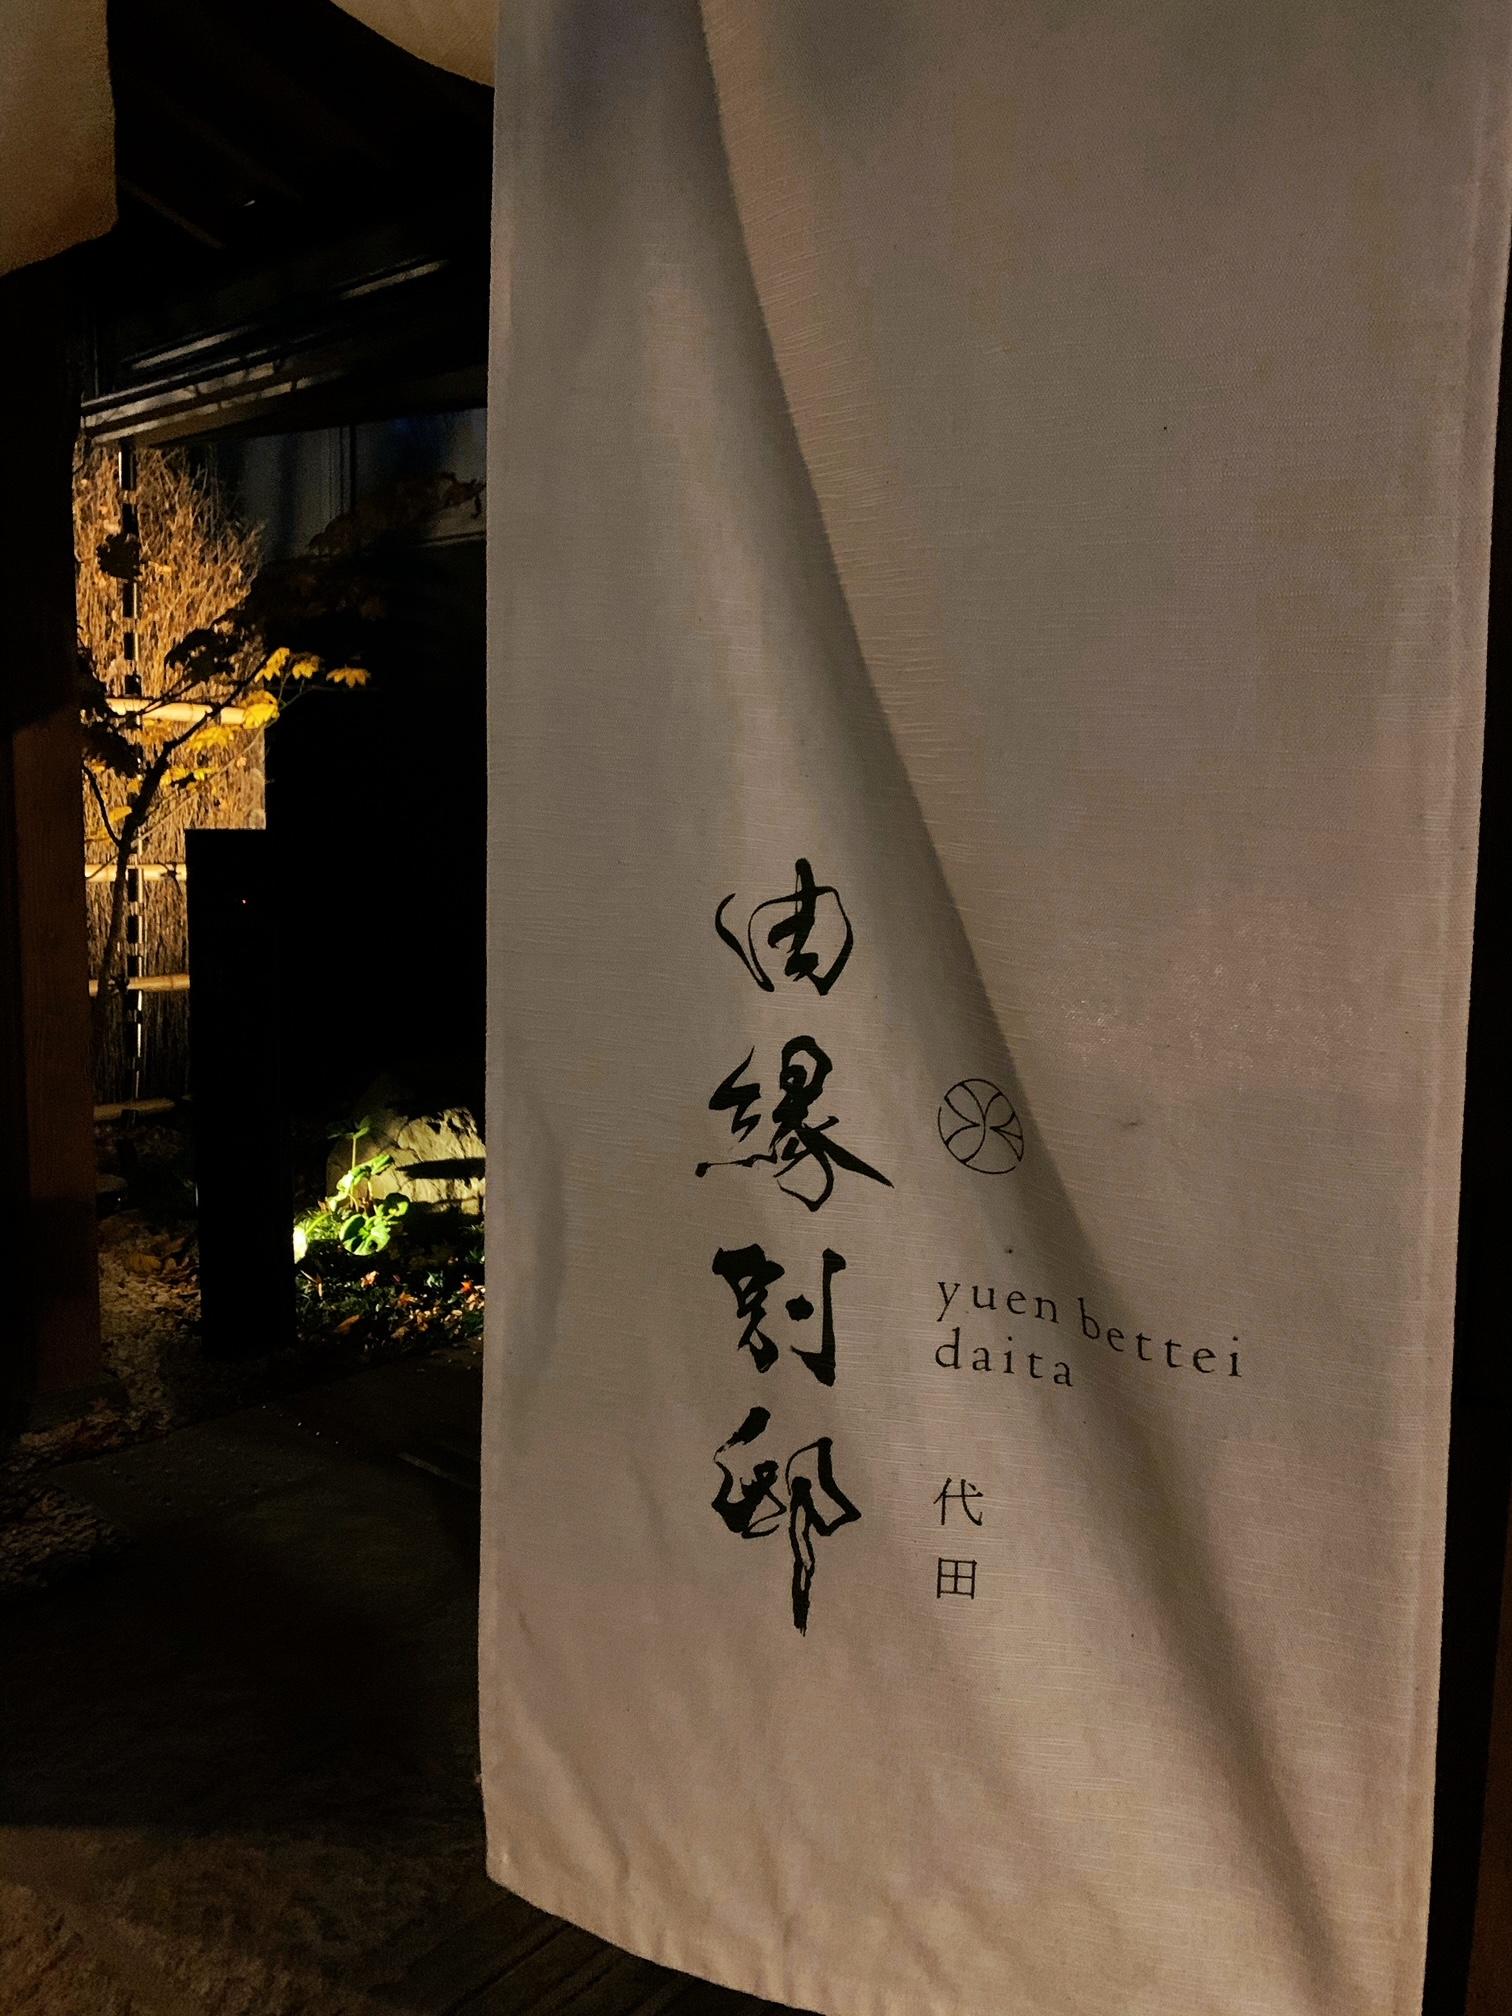 【なかなか予約が取れない!】東京に居ながらにして《箱根の温泉を楽しめる人気スポット》に行ってきた♡_3